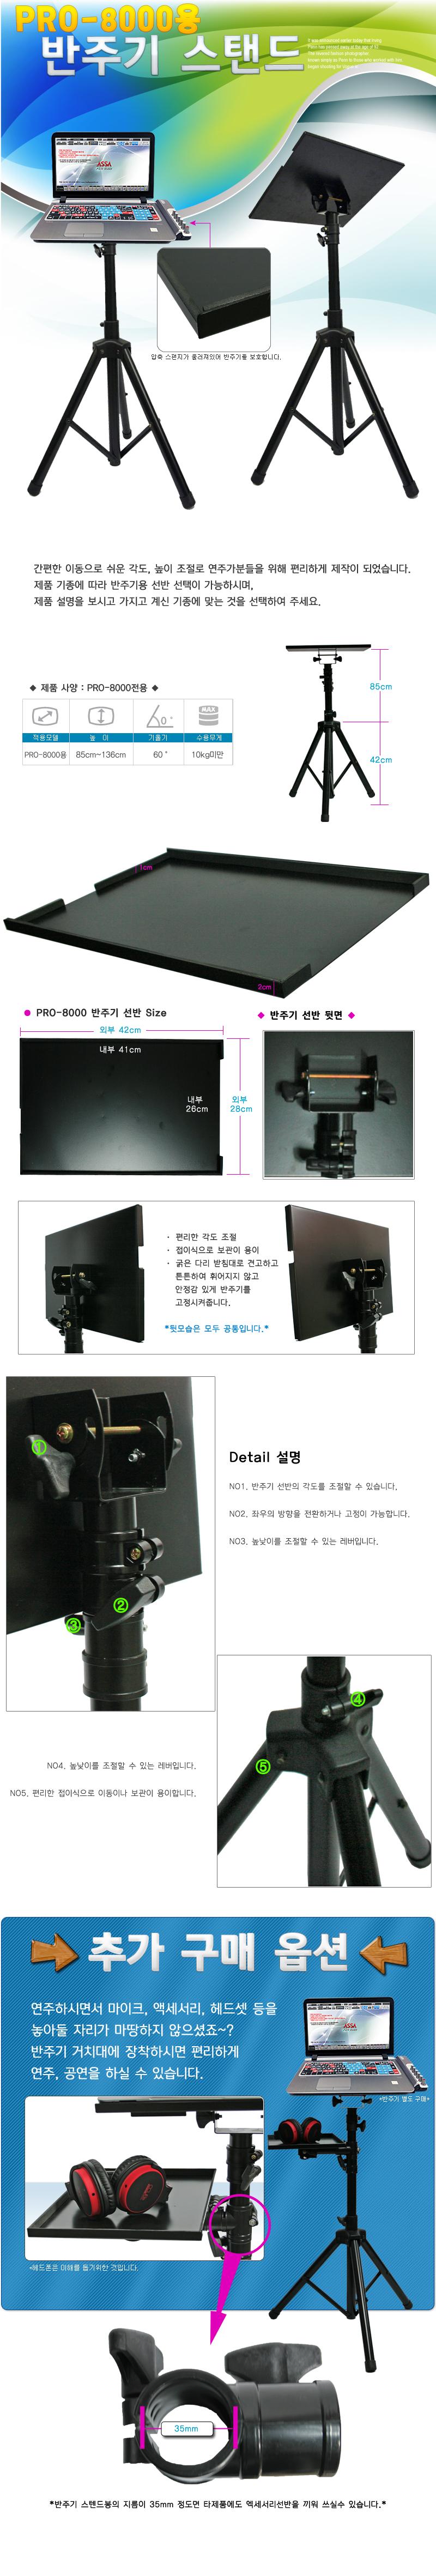 RPO-8000-4.jpg